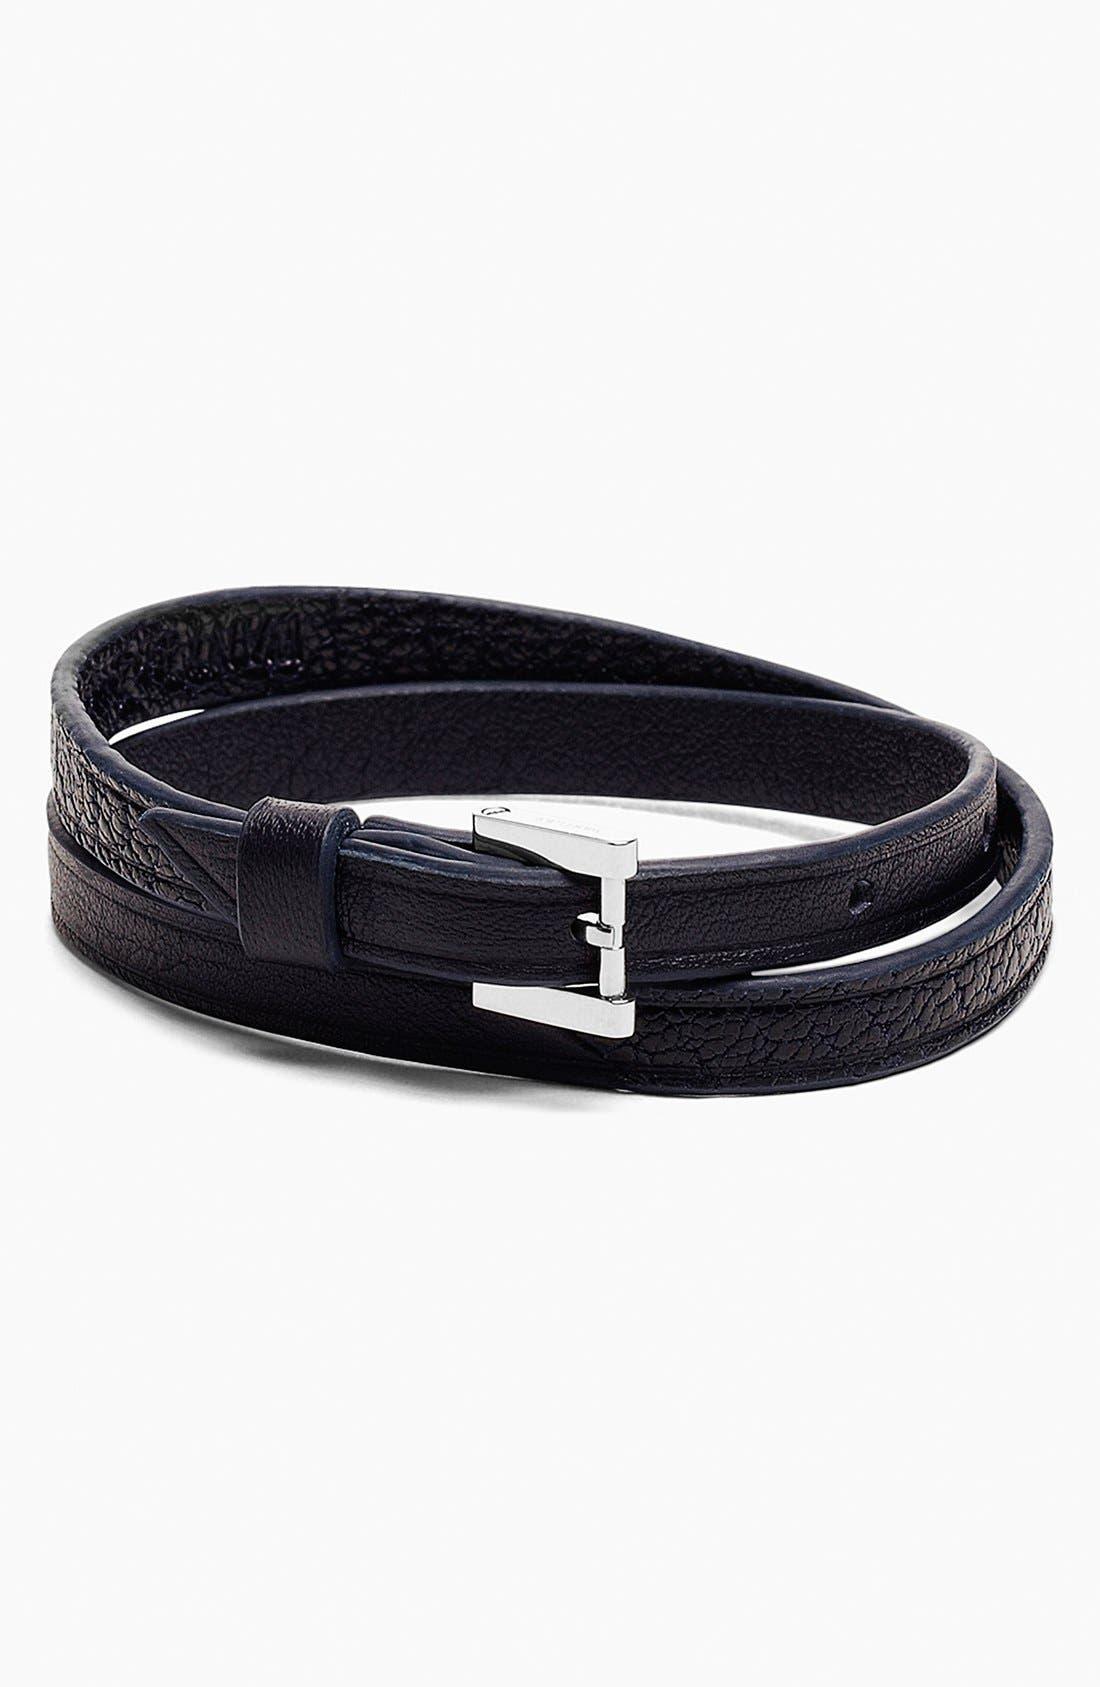 Main Image - WANT Les Essentiels de la Vie 'Vantaa' Two-Tone Buckle Bracelet